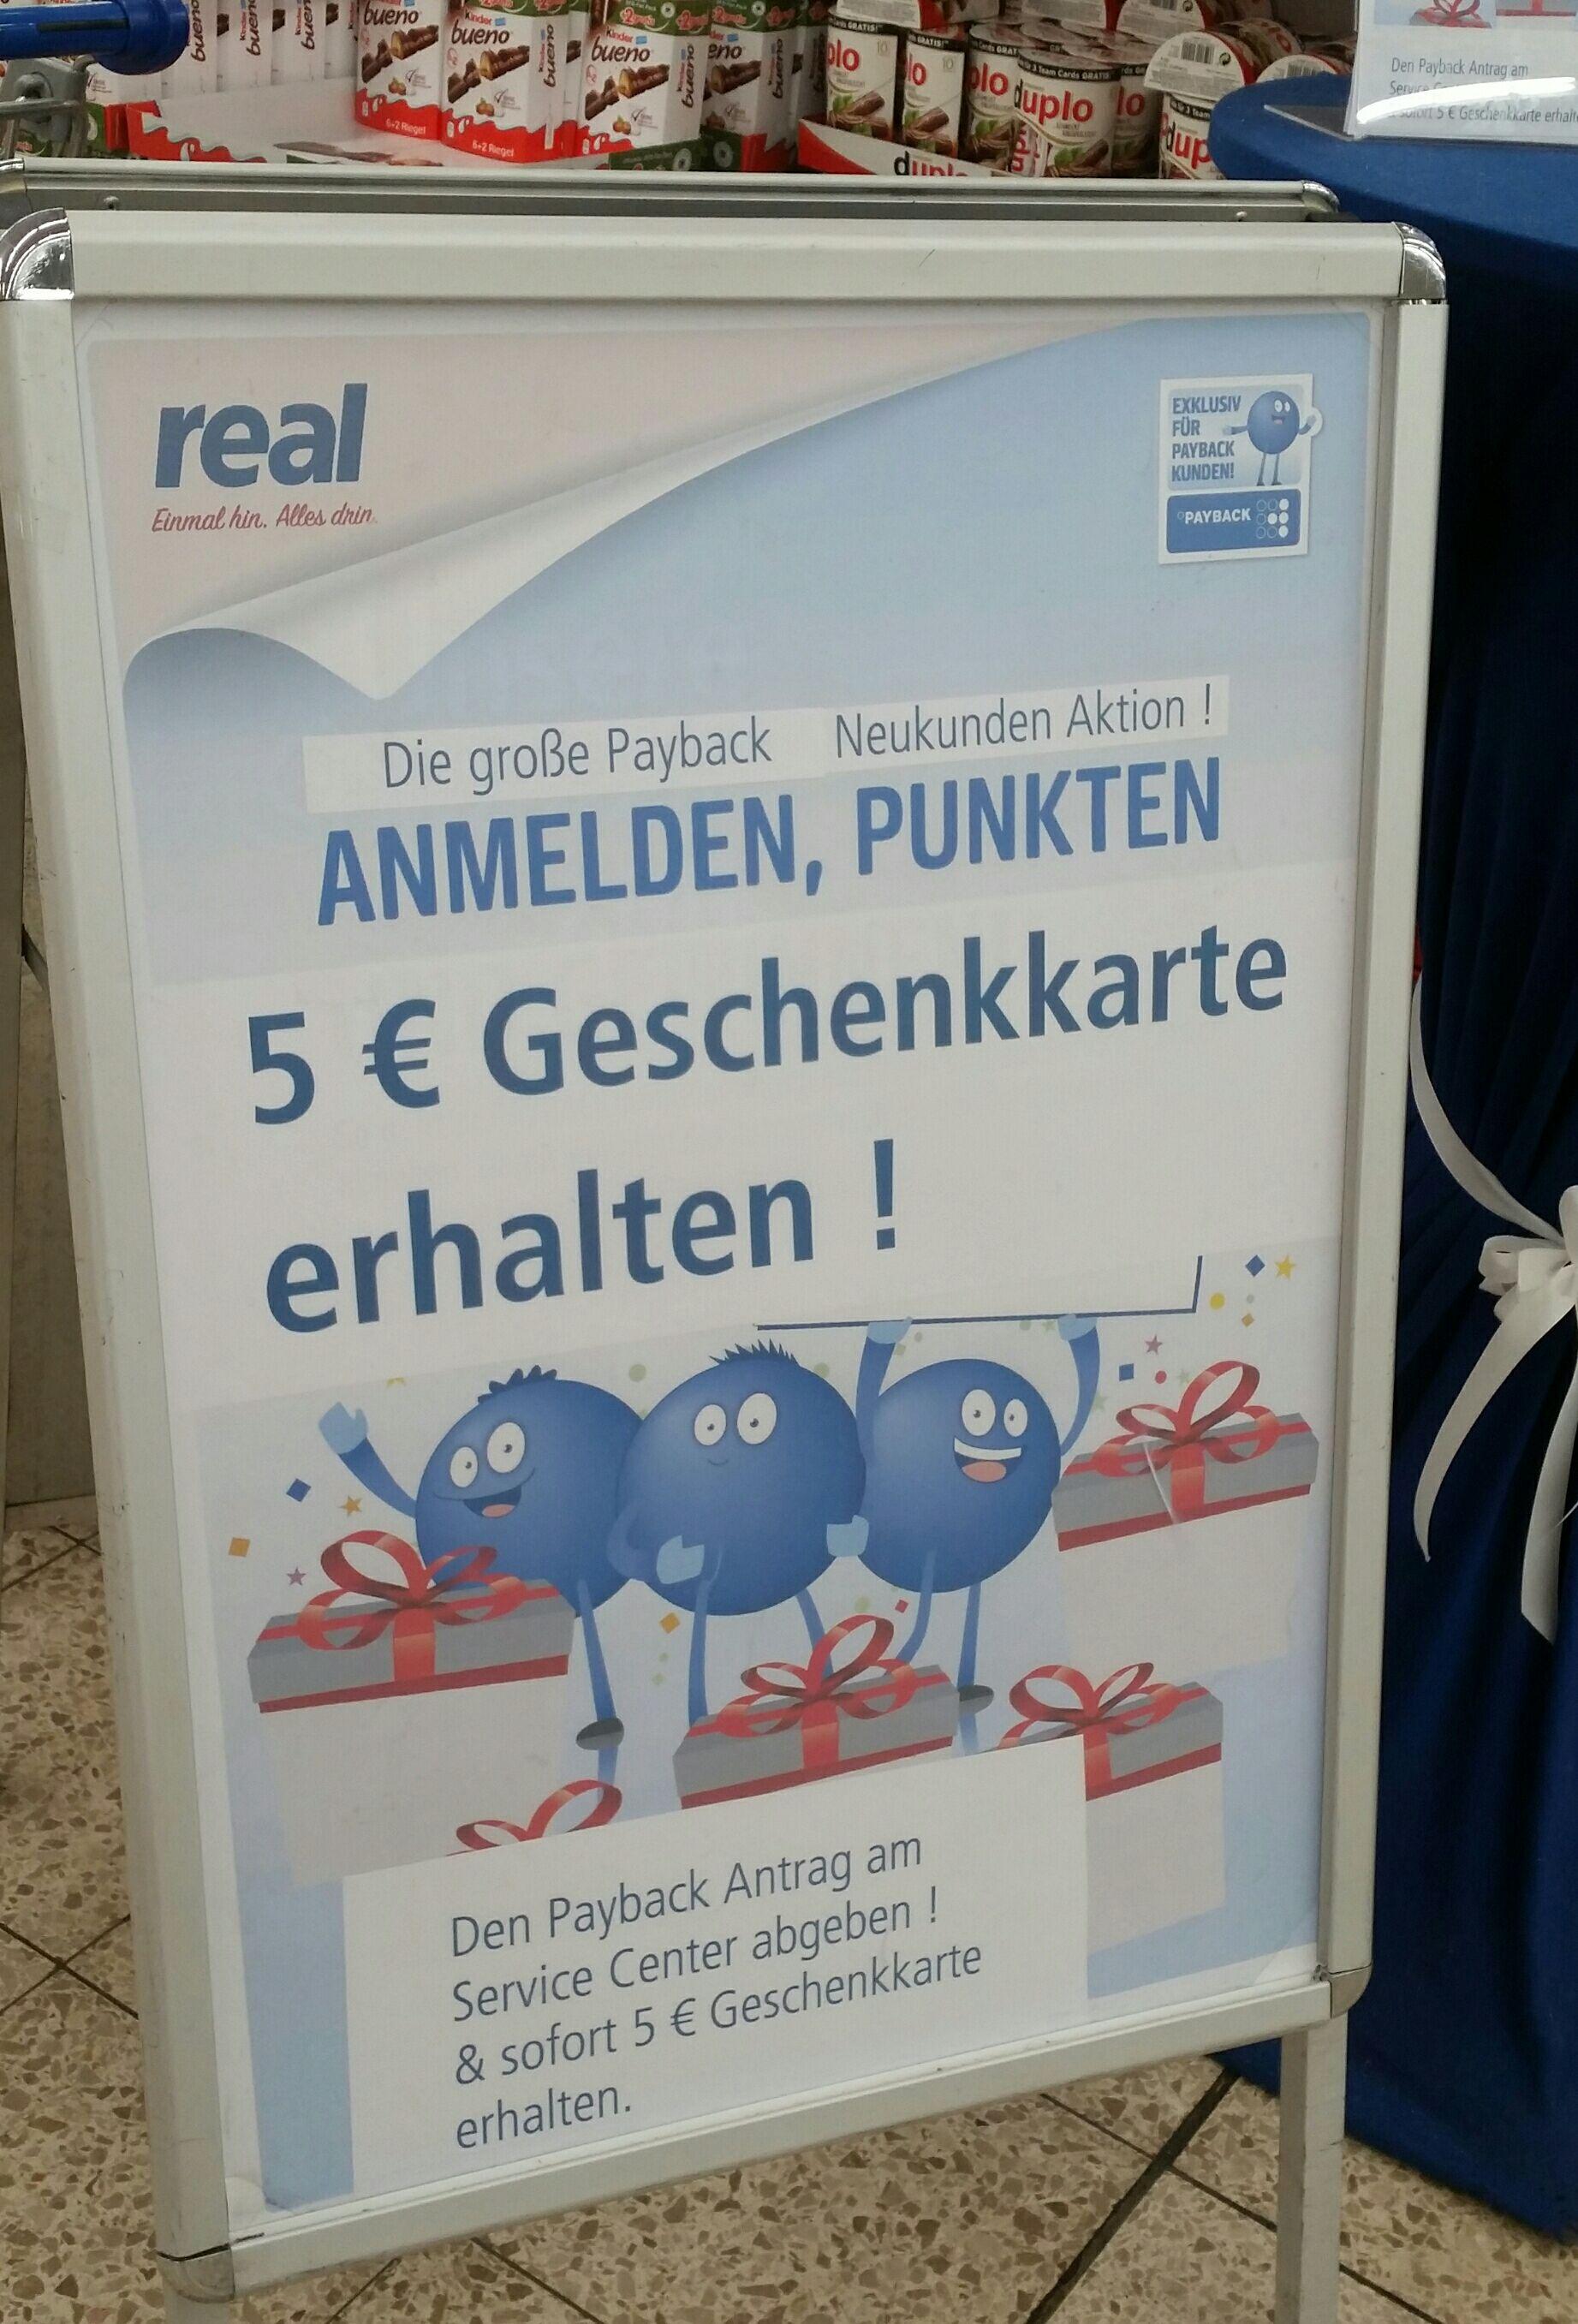 [real - Lokal Düsseldorf?] 5€ Gutschein für Payback-Anmeldung